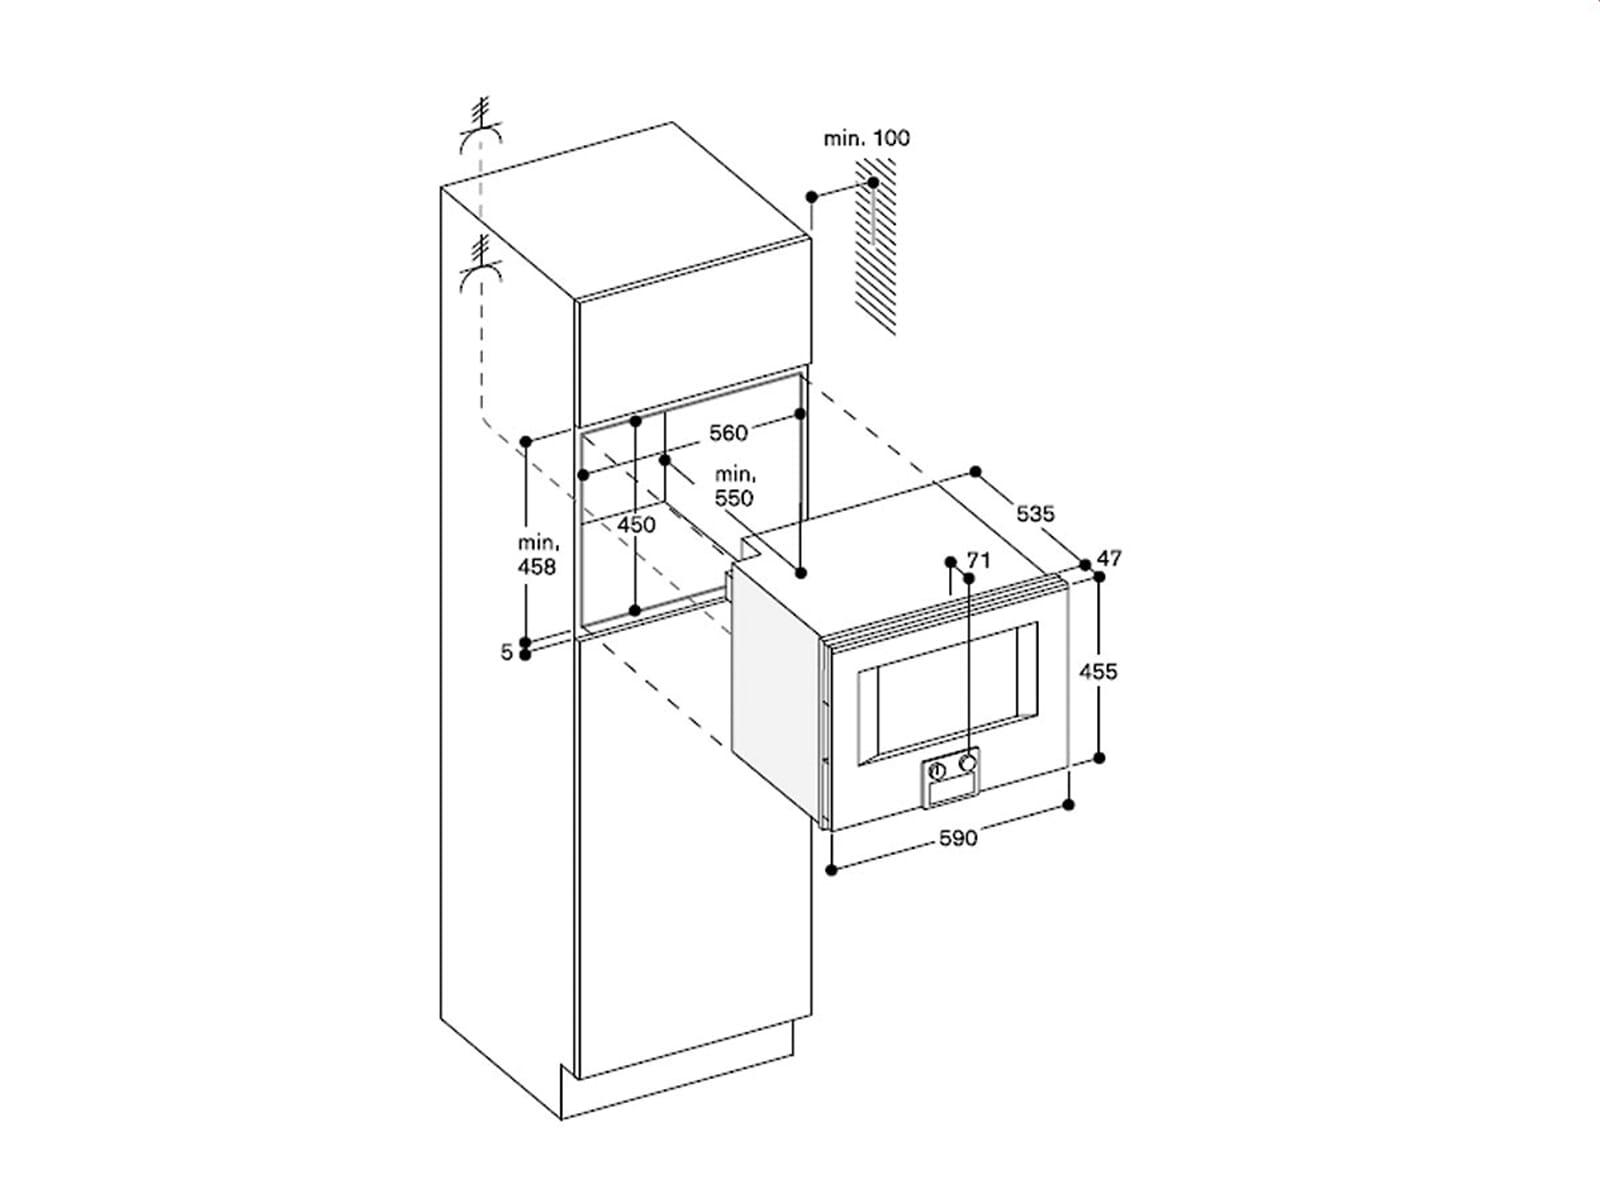 gaggenau bs 451 110 dampfbackofen serie 400 edelstahl glas. Black Bedroom Furniture Sets. Home Design Ideas